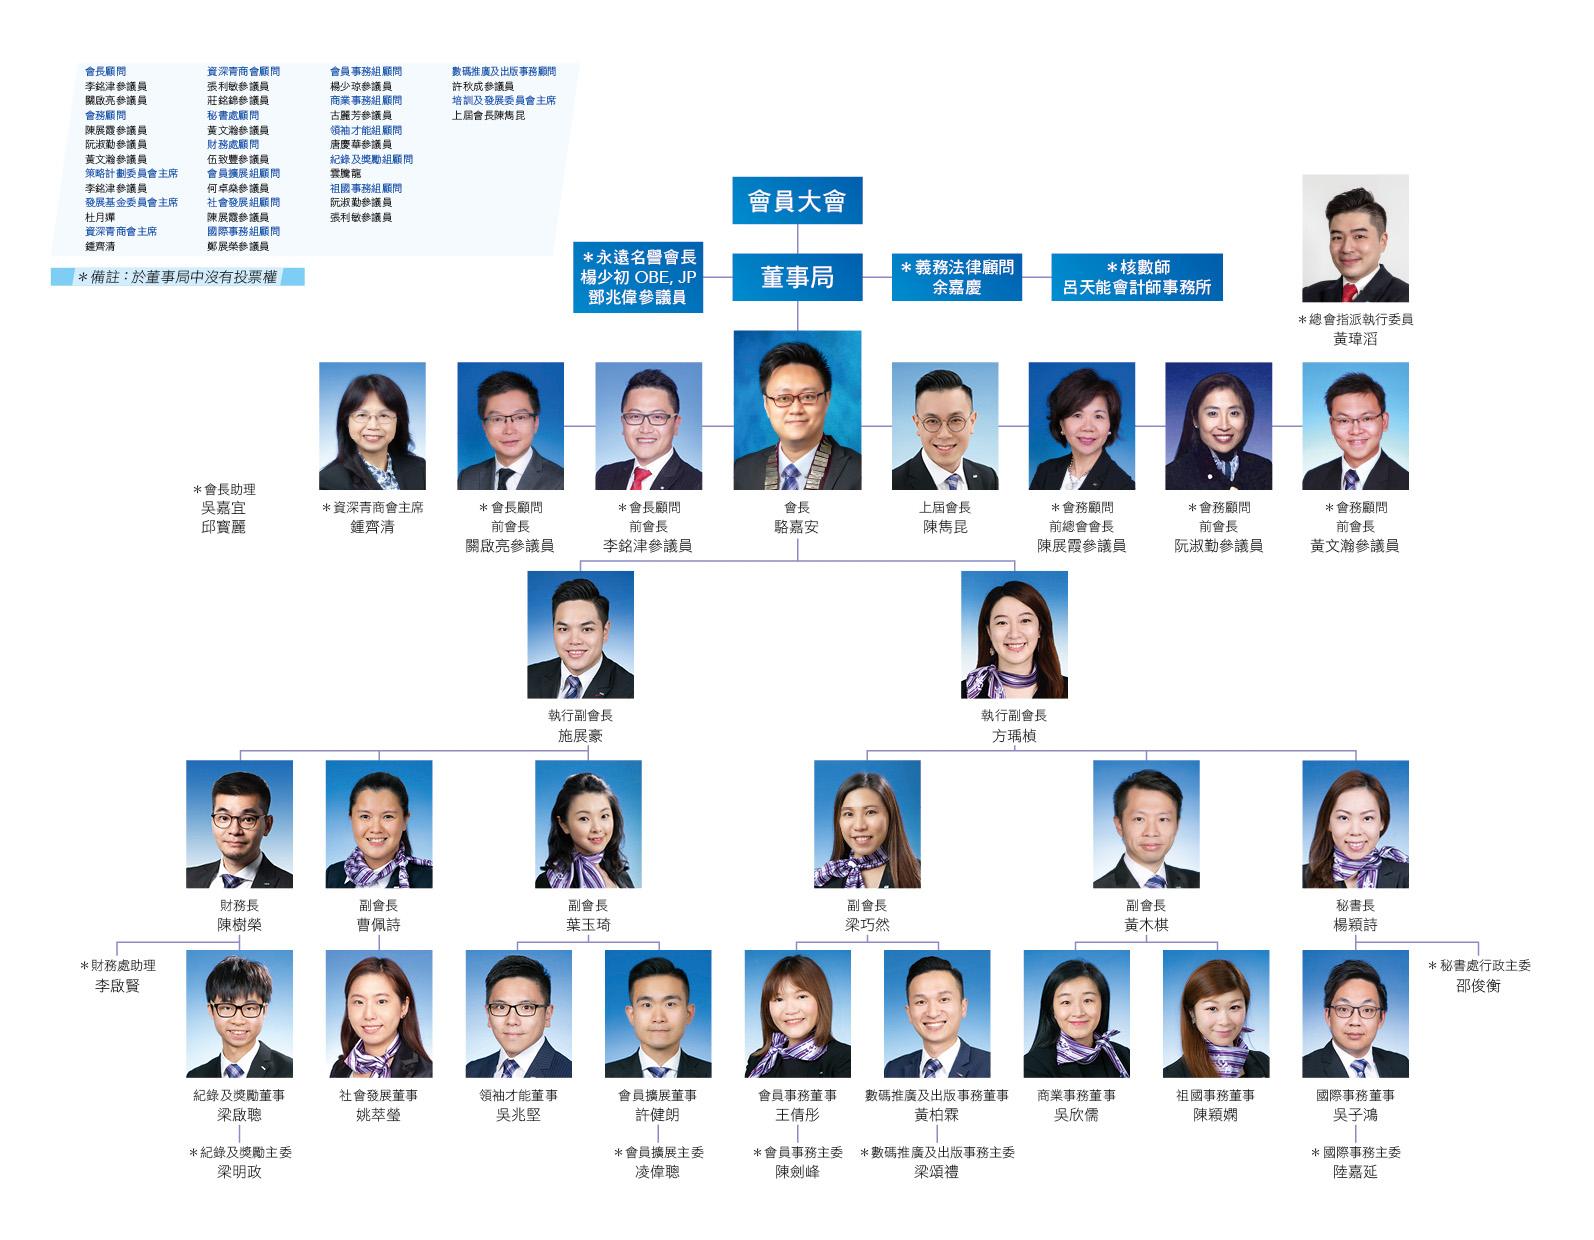 jci_peninsula_2021_org_chart-1